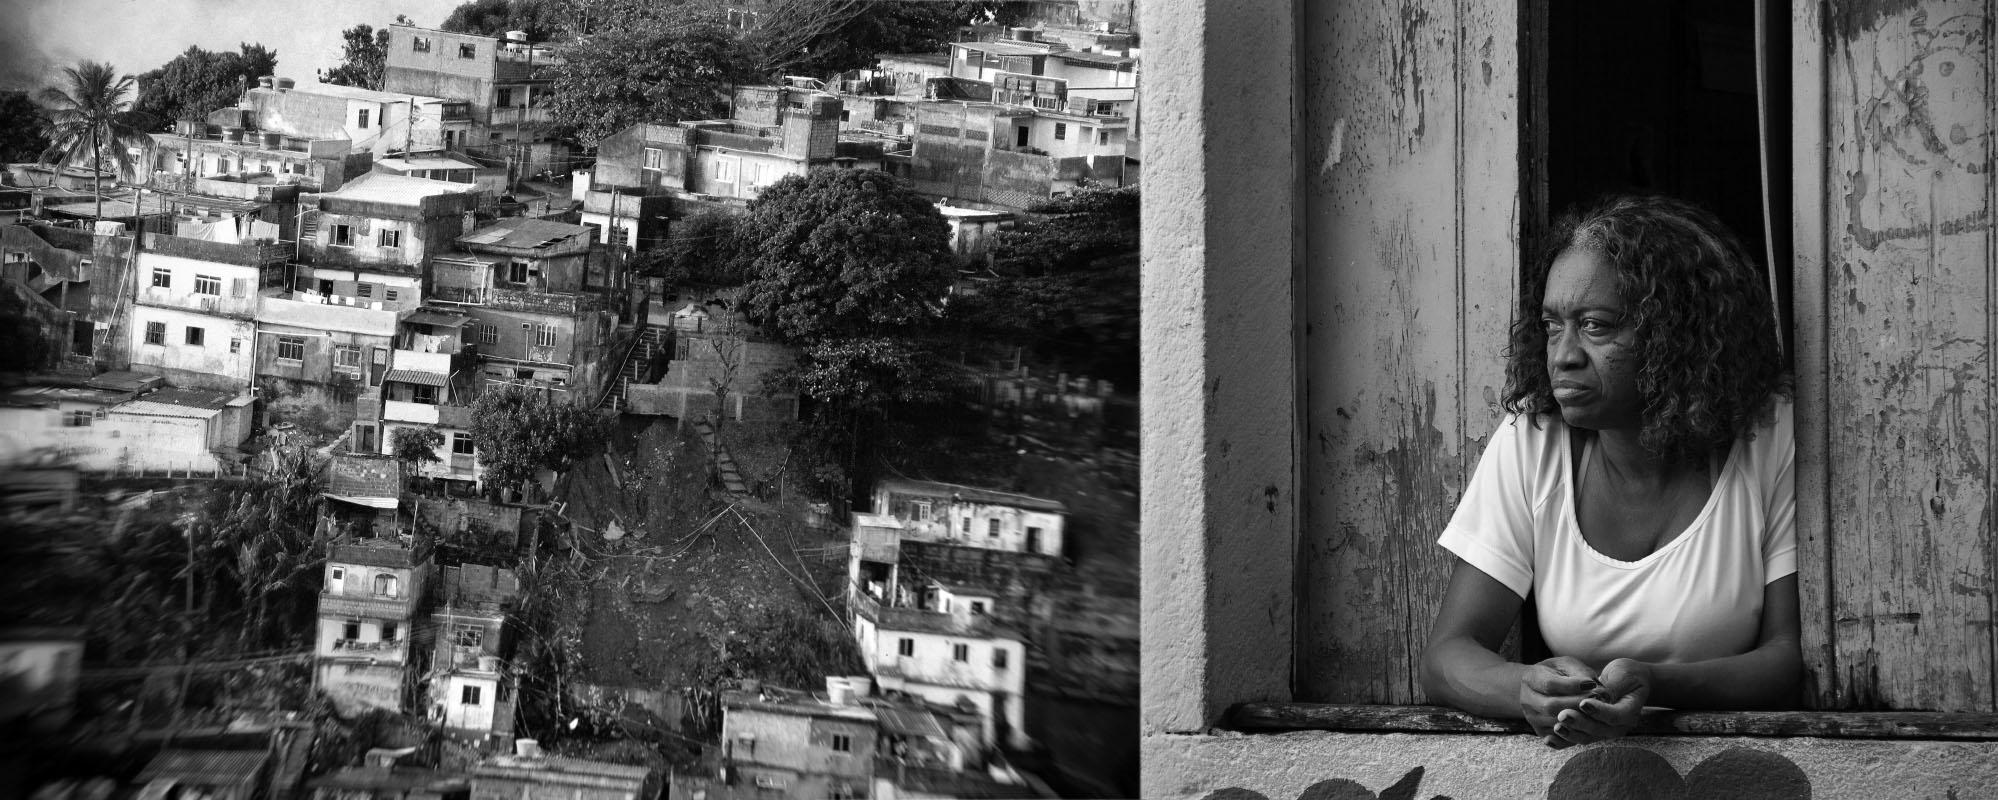 Senhora apoiada na janela de um casa numa favela